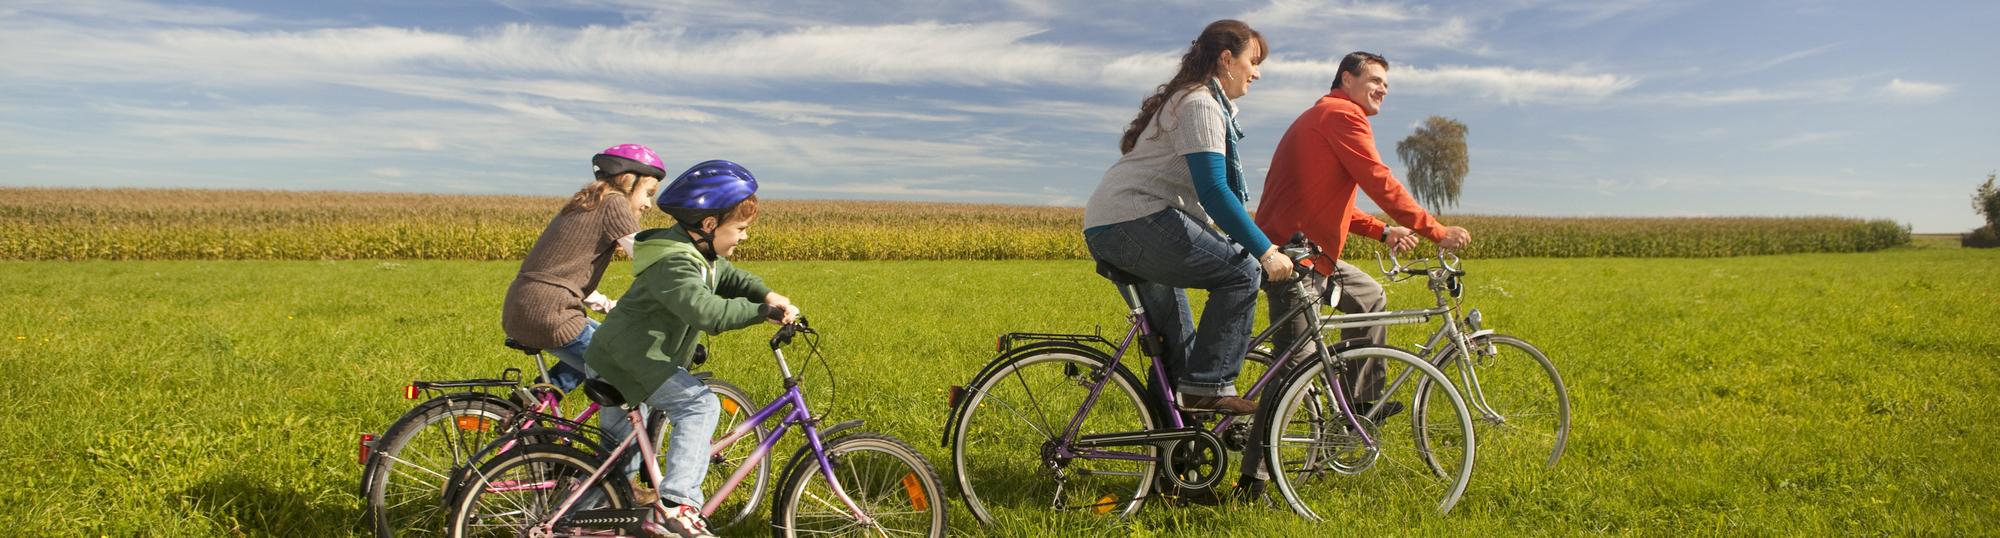 Familie mit Fahrrad unterwegs